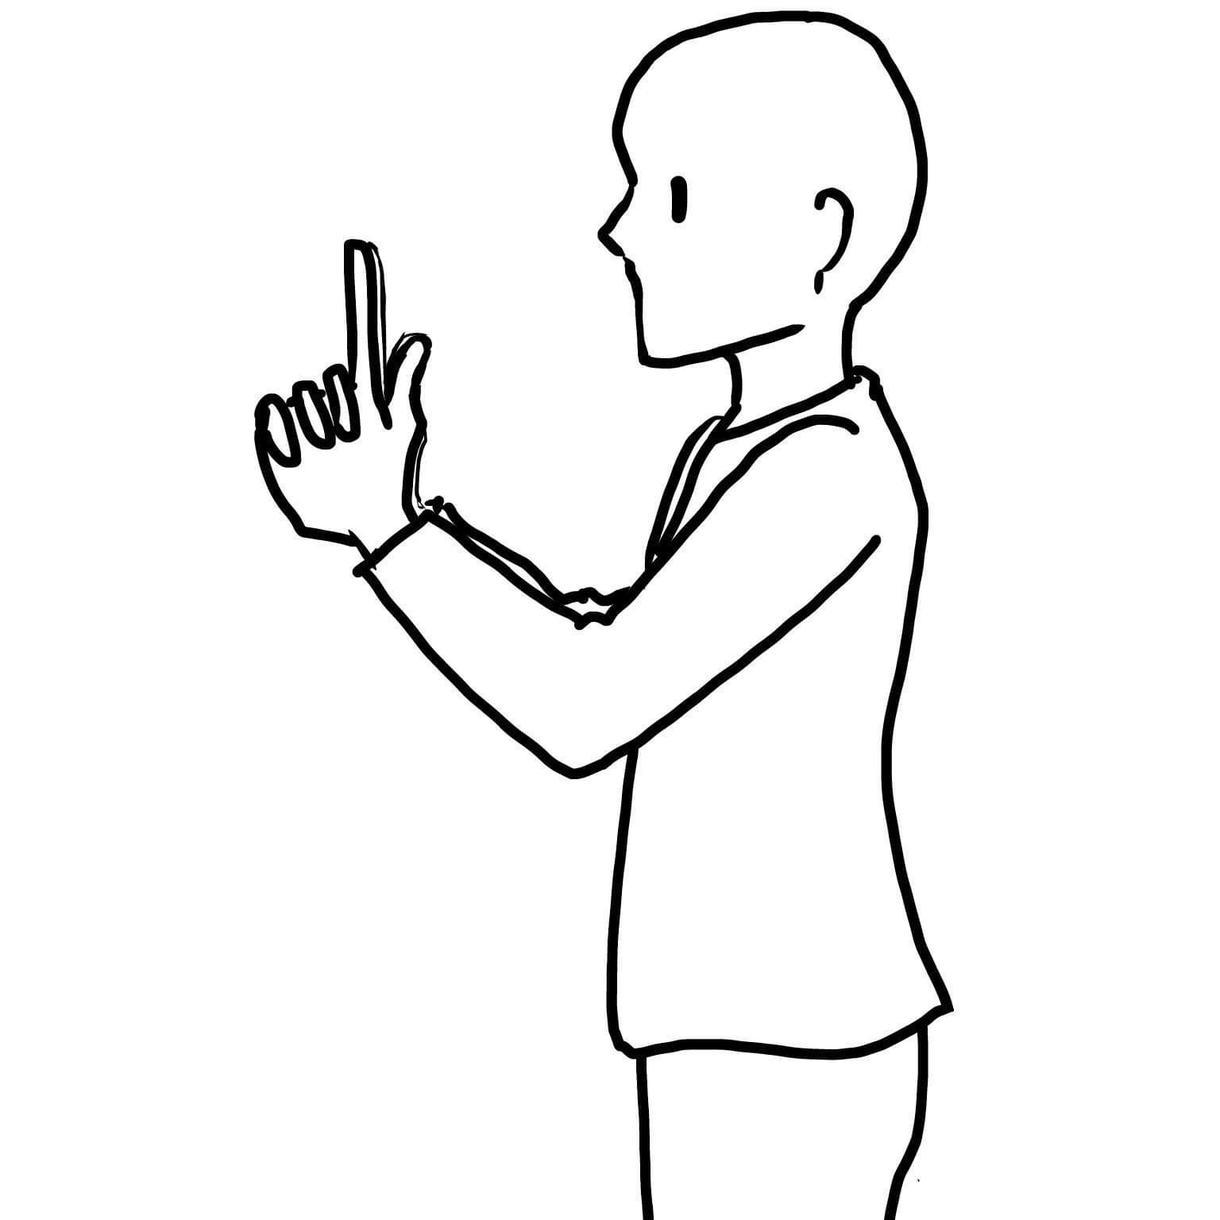 本の挿絵をモノクロで描きます ☆自主出版等でイラストを使いたい方におススメ☆